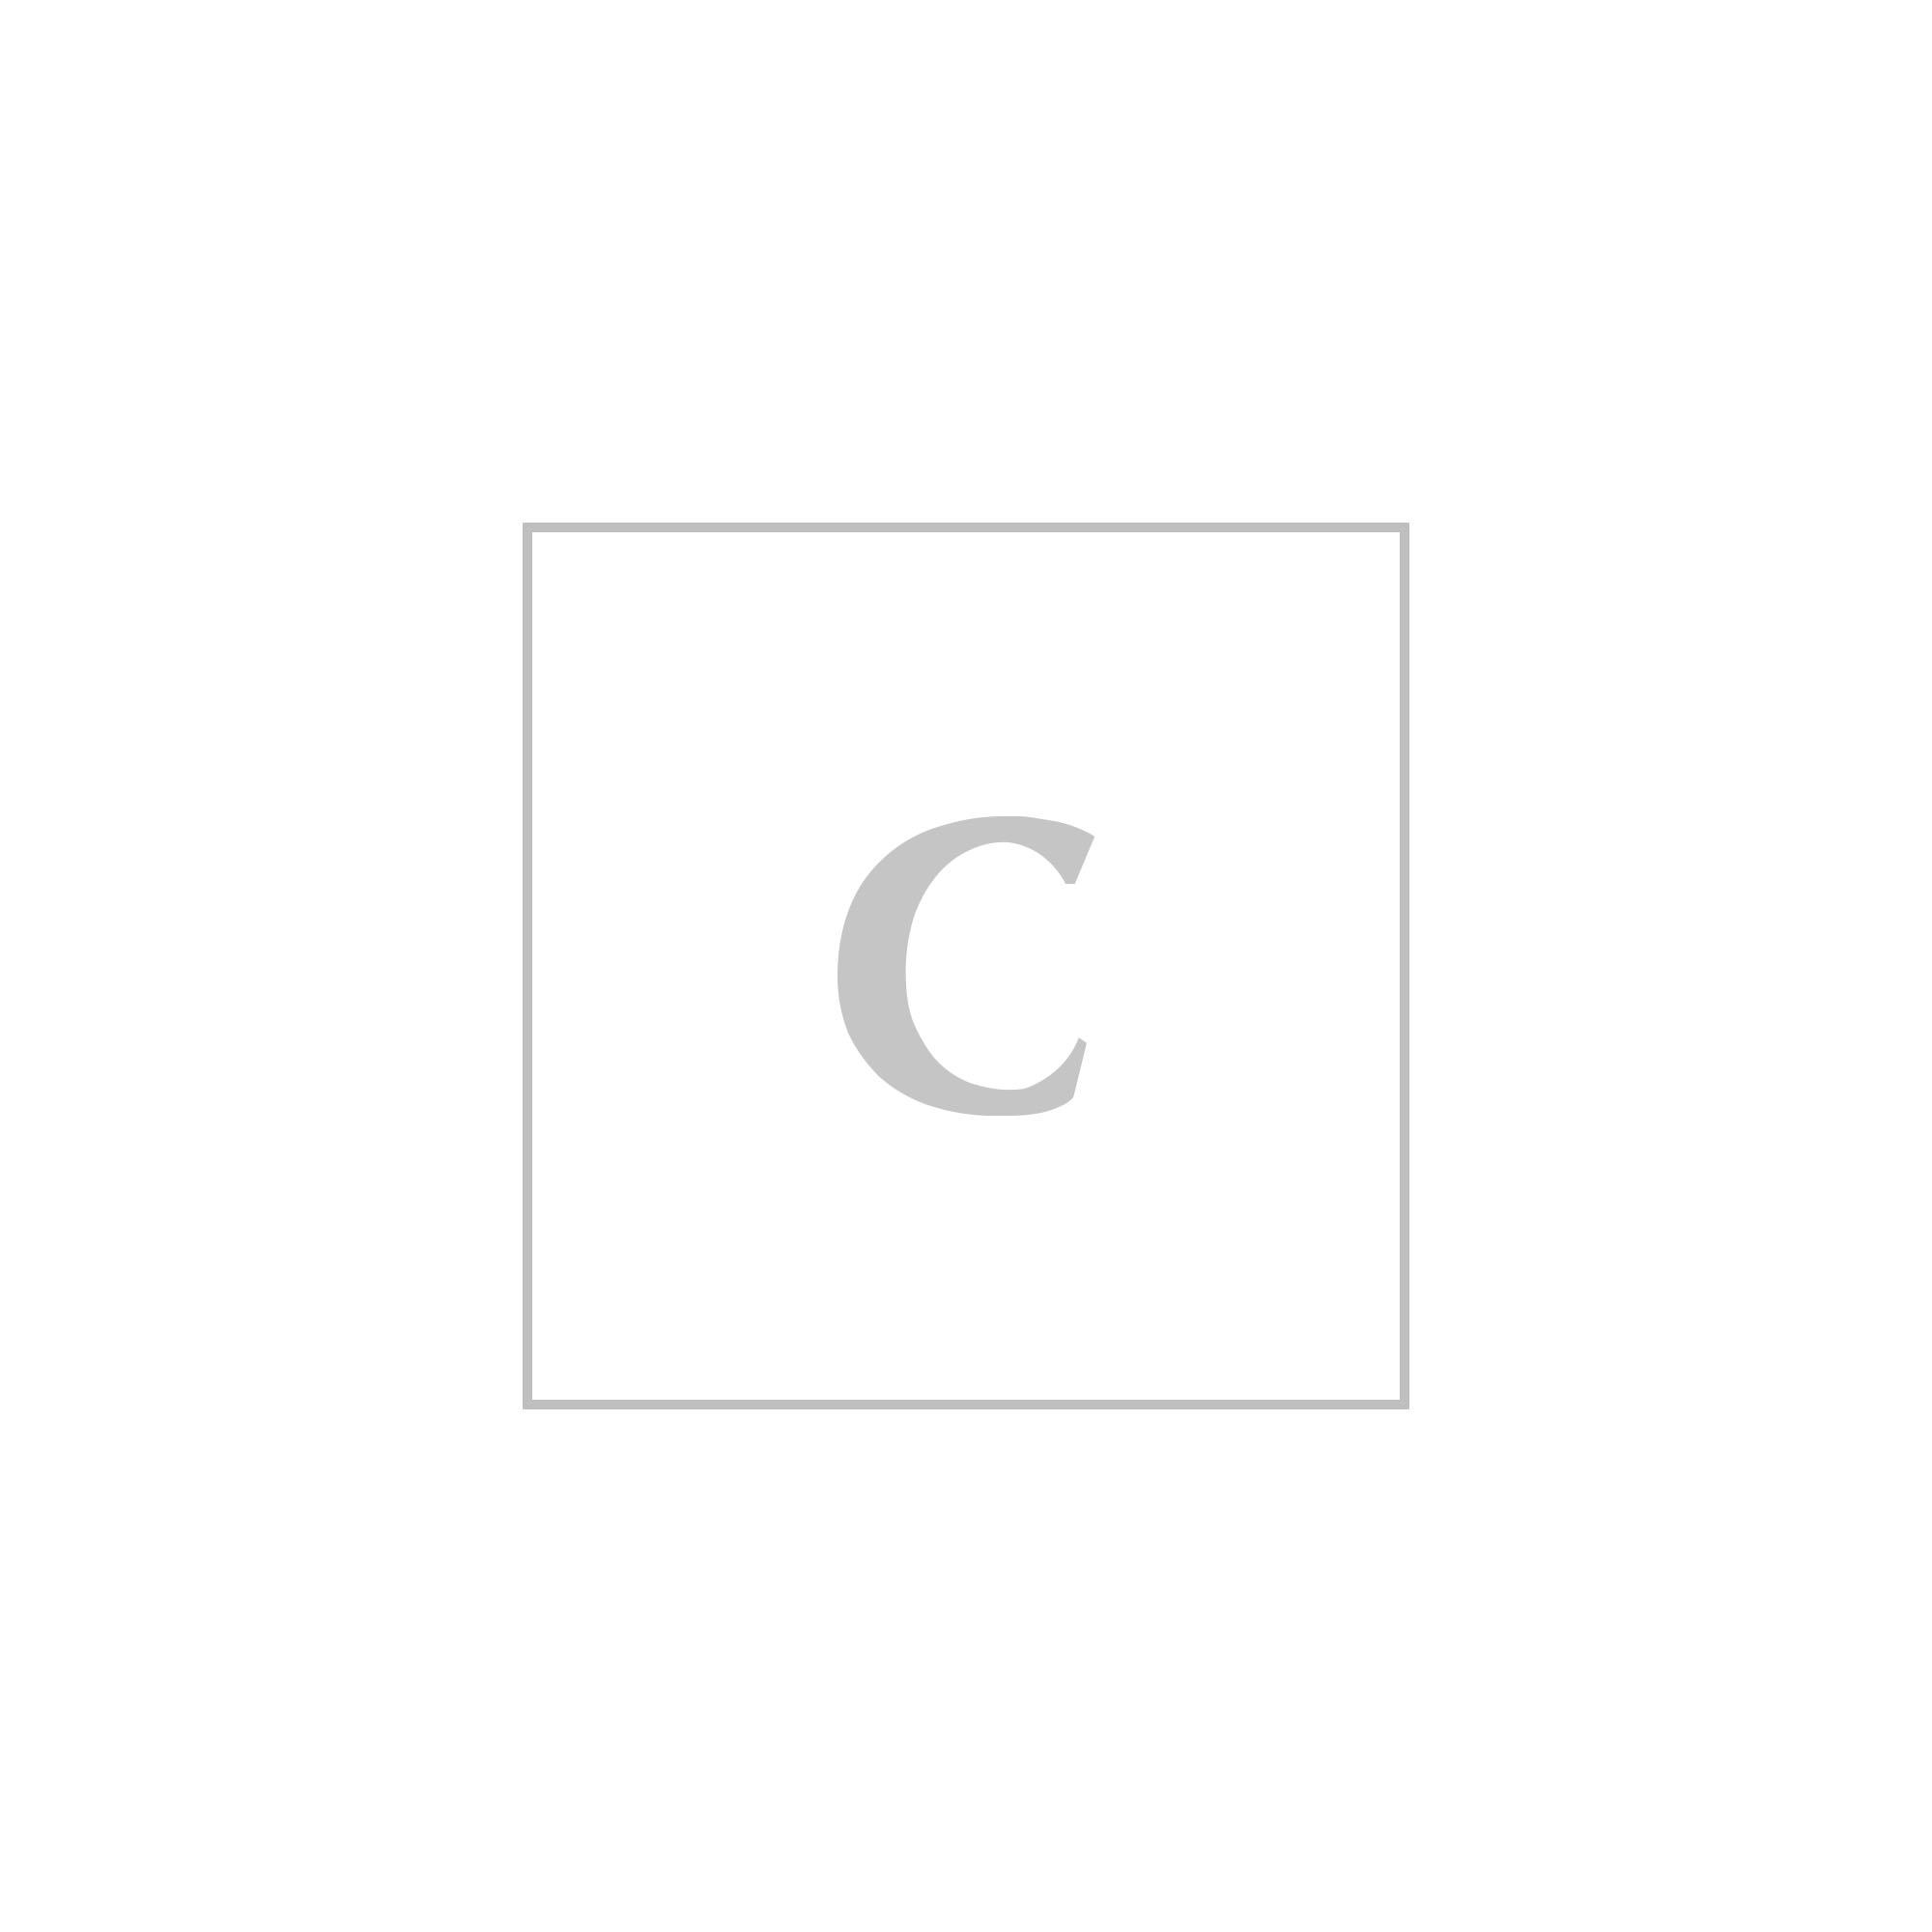 Conosciuto Gonne Donna alta moda | Coltorti Boutique DA72